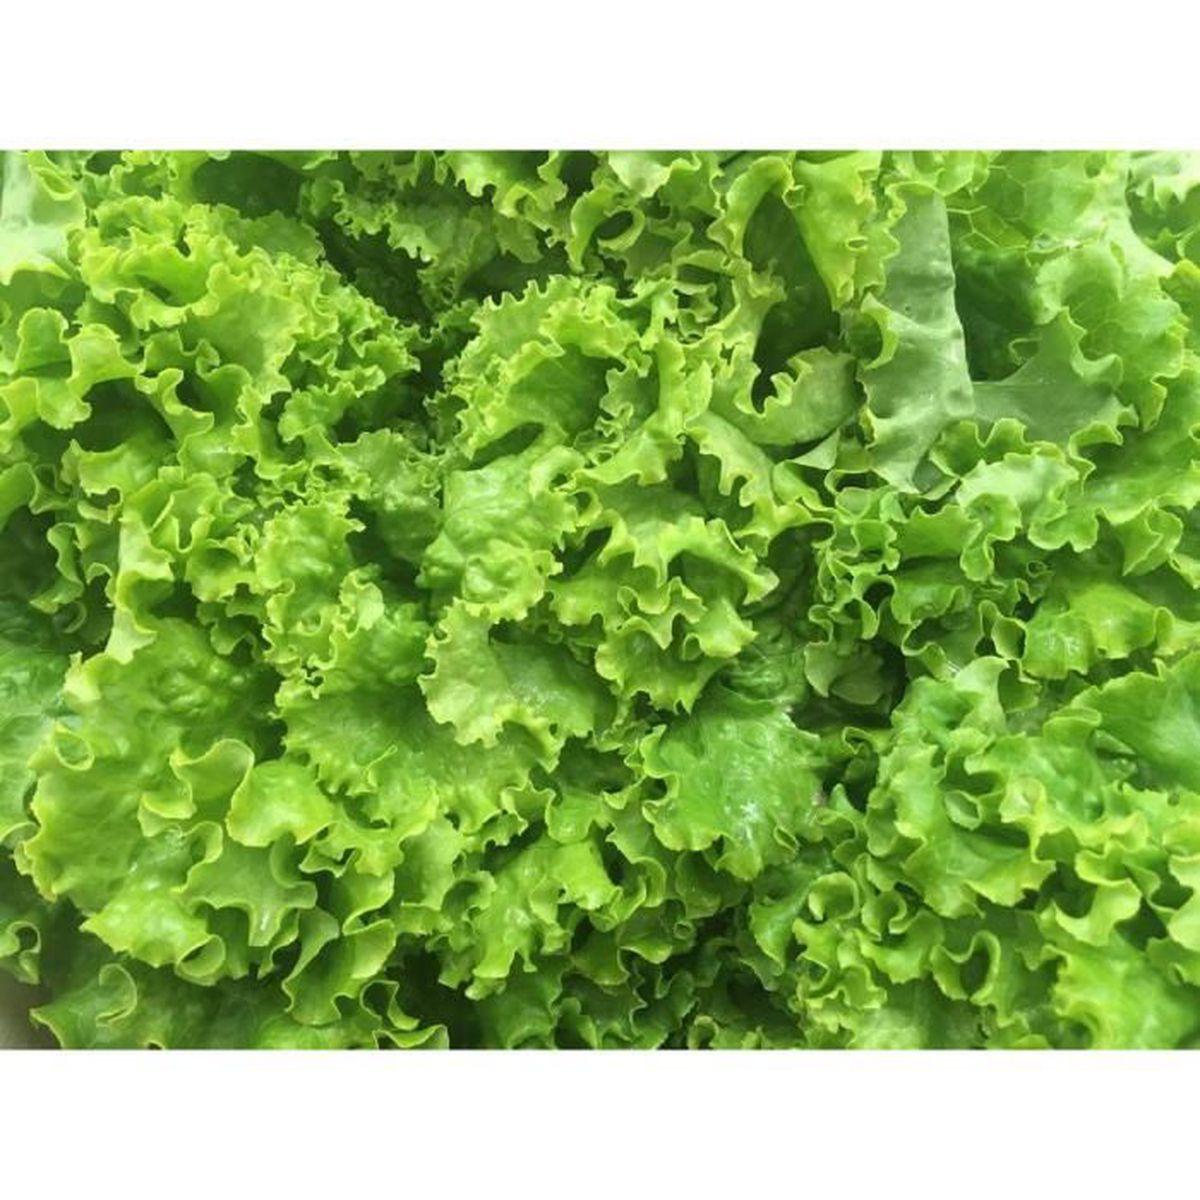 60 Graines de Laitue Pommée Méthode BIO seed plante salade légume ancien potager